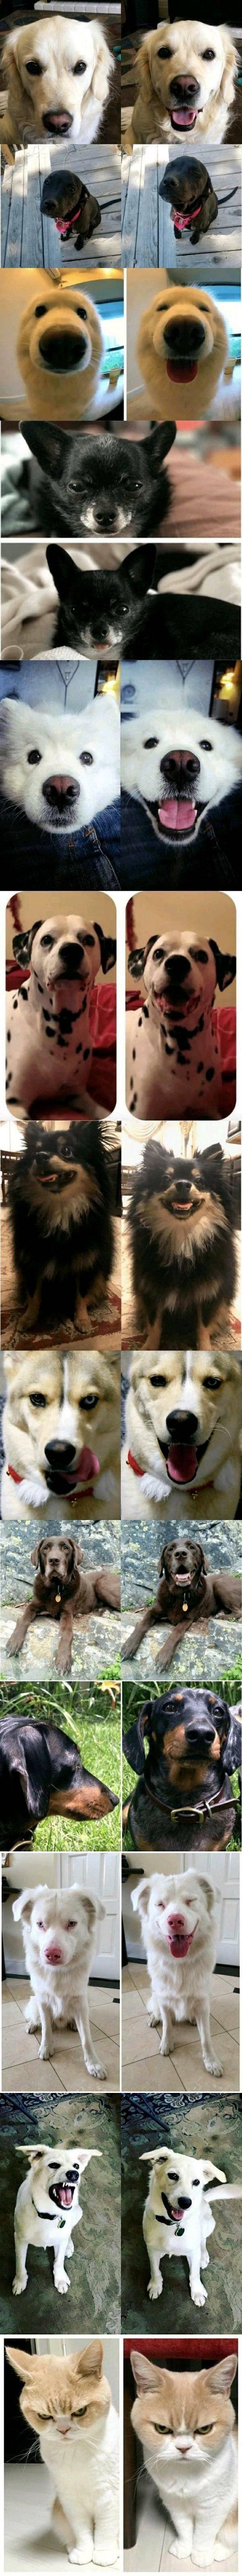 칭찬받은 강아지들 표정변화 존귀탱 | 인스티즈